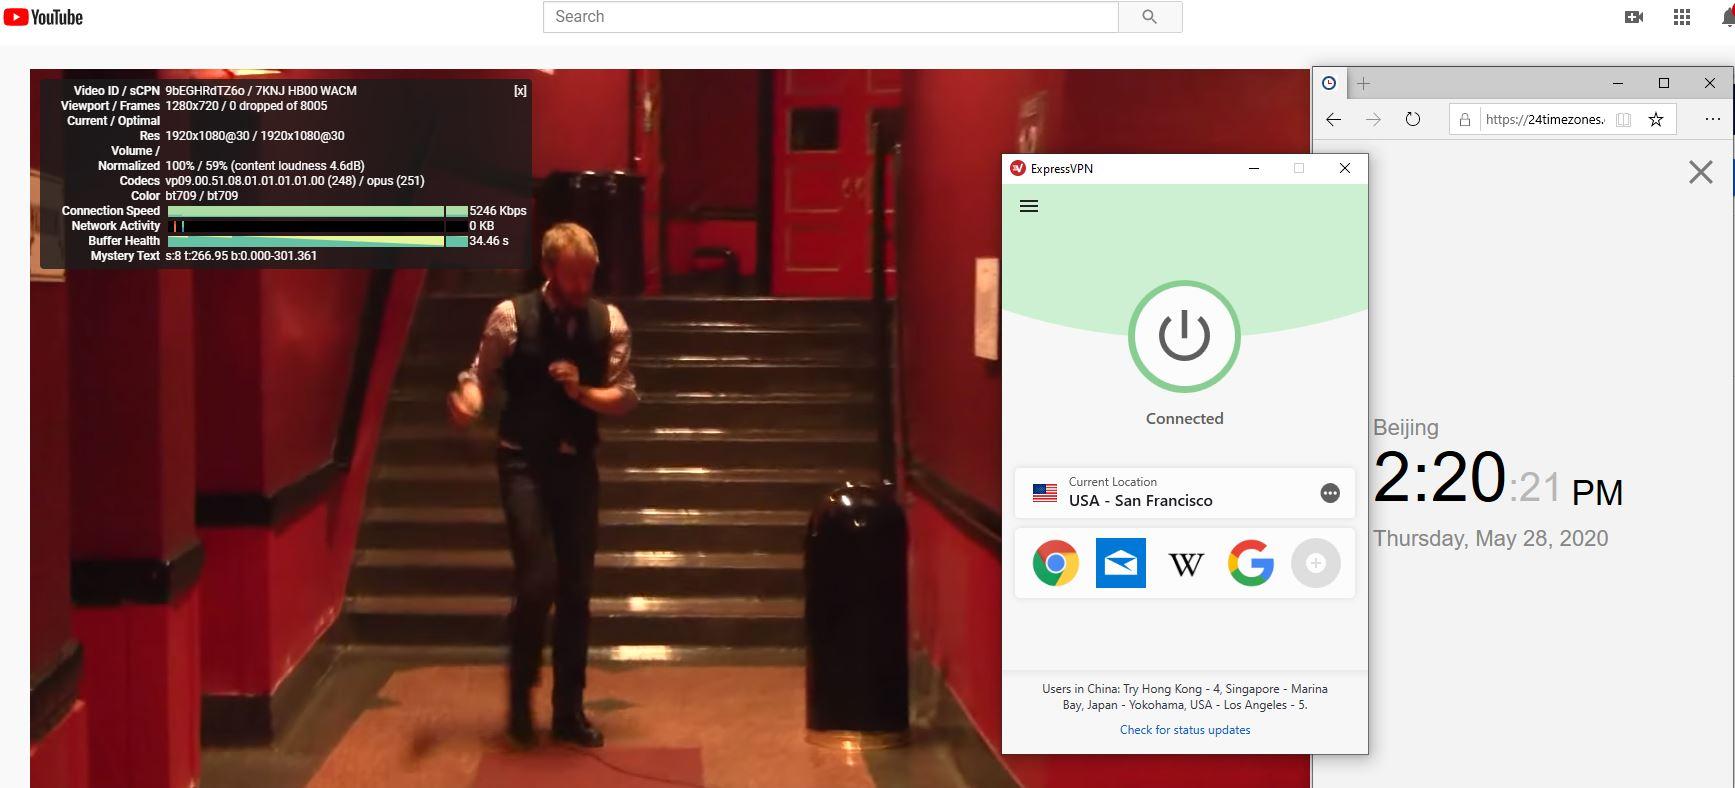 Windows10 ExpressVPN USA - San Francisco 中国VPN 翻墙 科学上网 测速-20200528